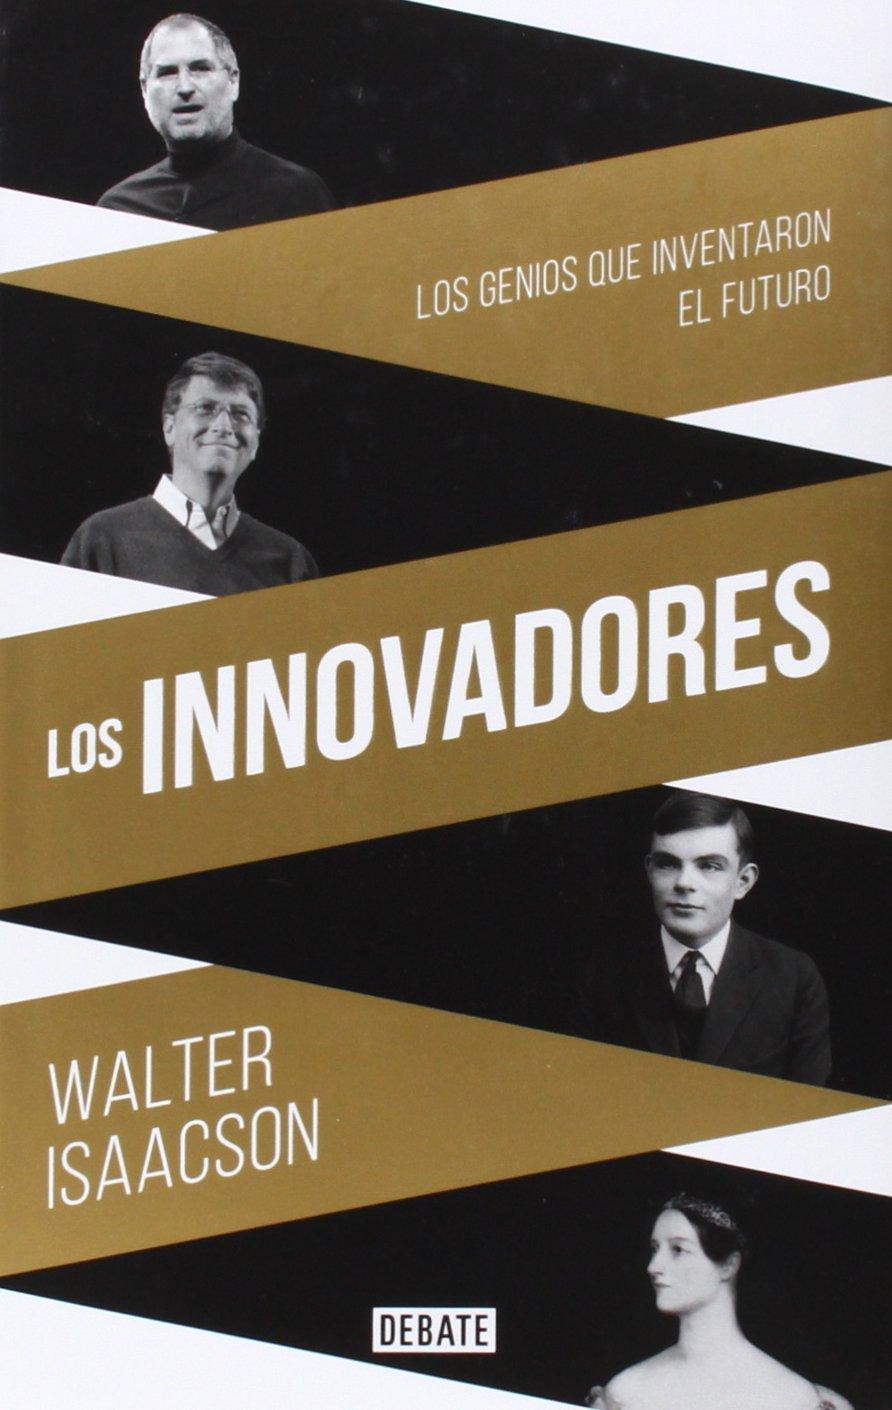 Los innovadores: Los genios que inventaron el futuro, de WALTER ISAACSON